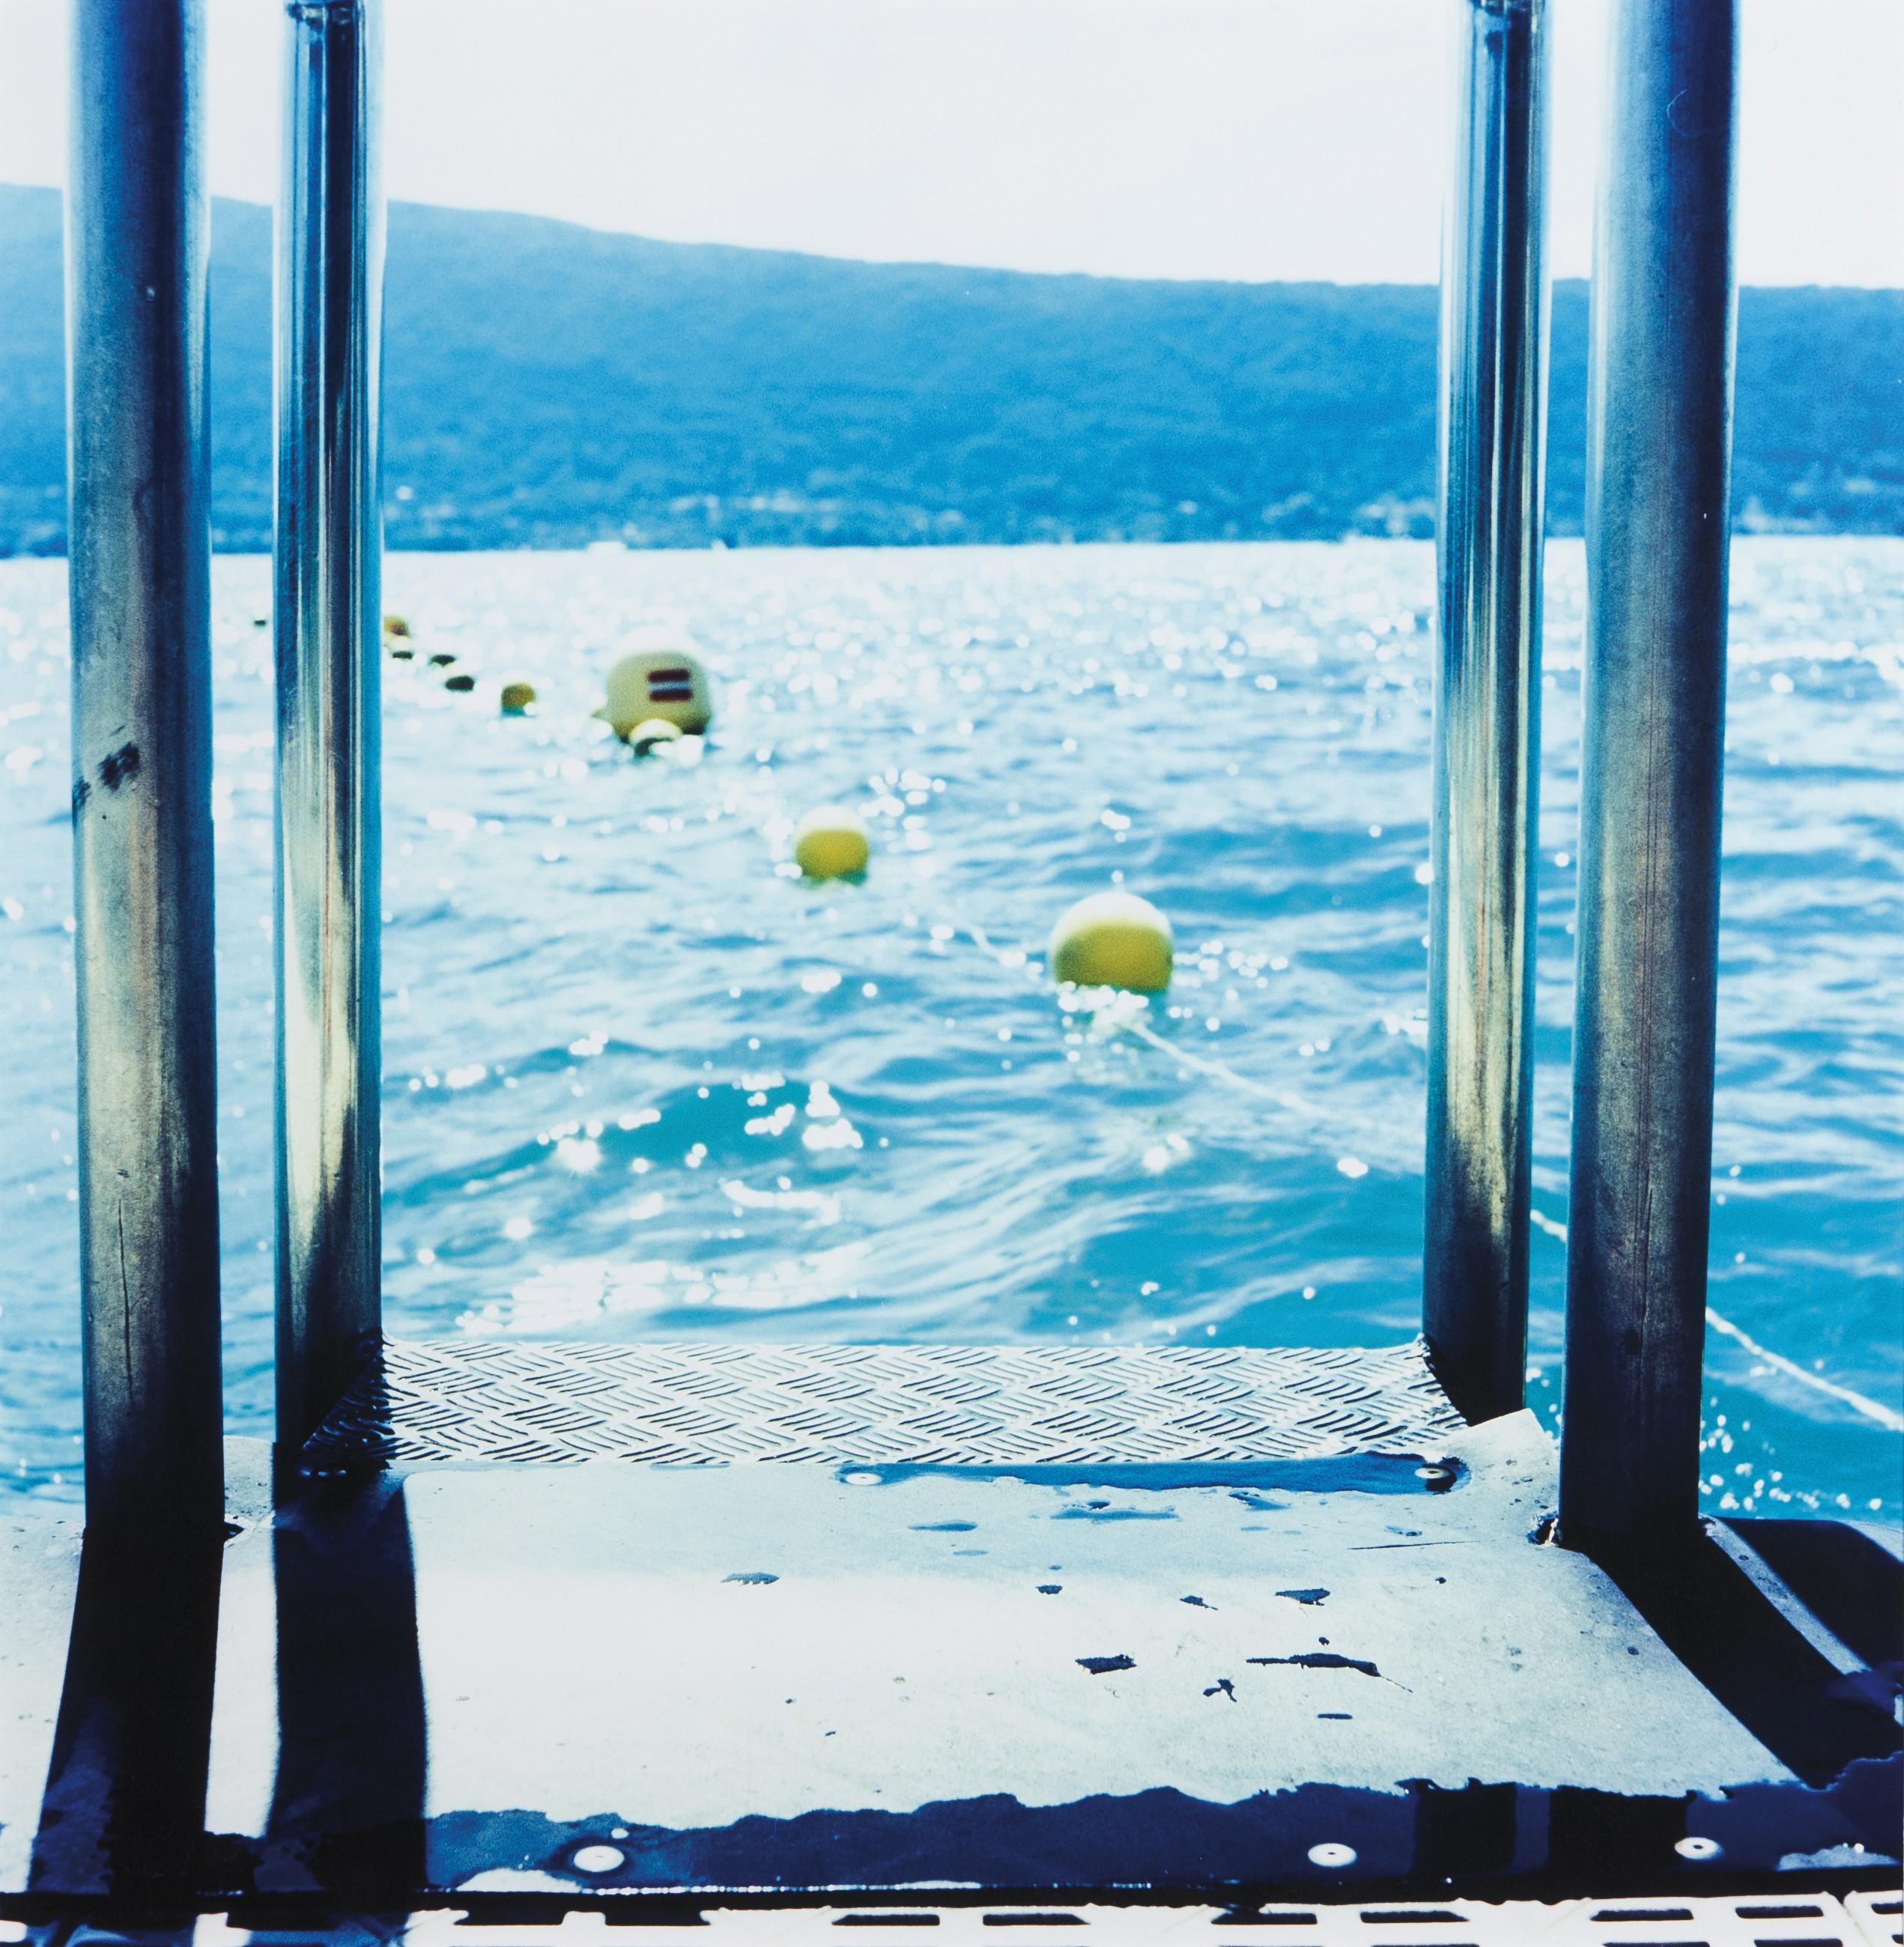 Sem título #16 (Annecy, France, 2002) - Karine Laval (n. 1971)